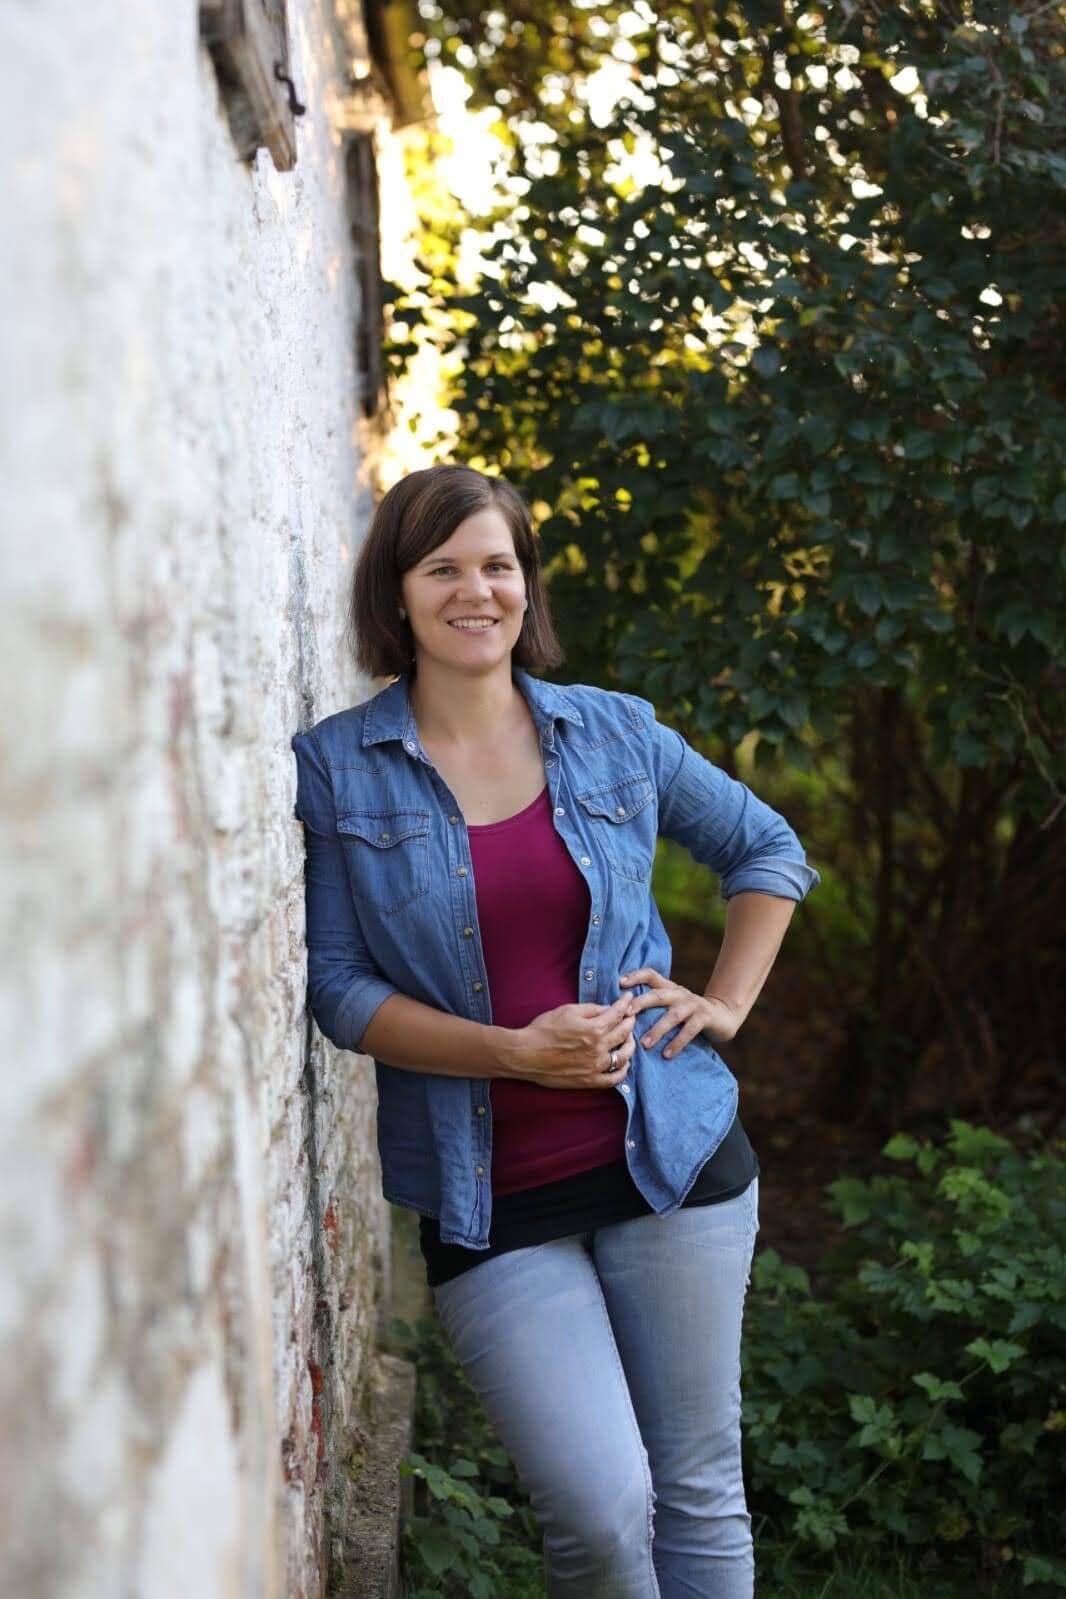 AylinKnapp Expertin für Einnässen, Einkoten, Bettnässen und Sauberkeitserziehung